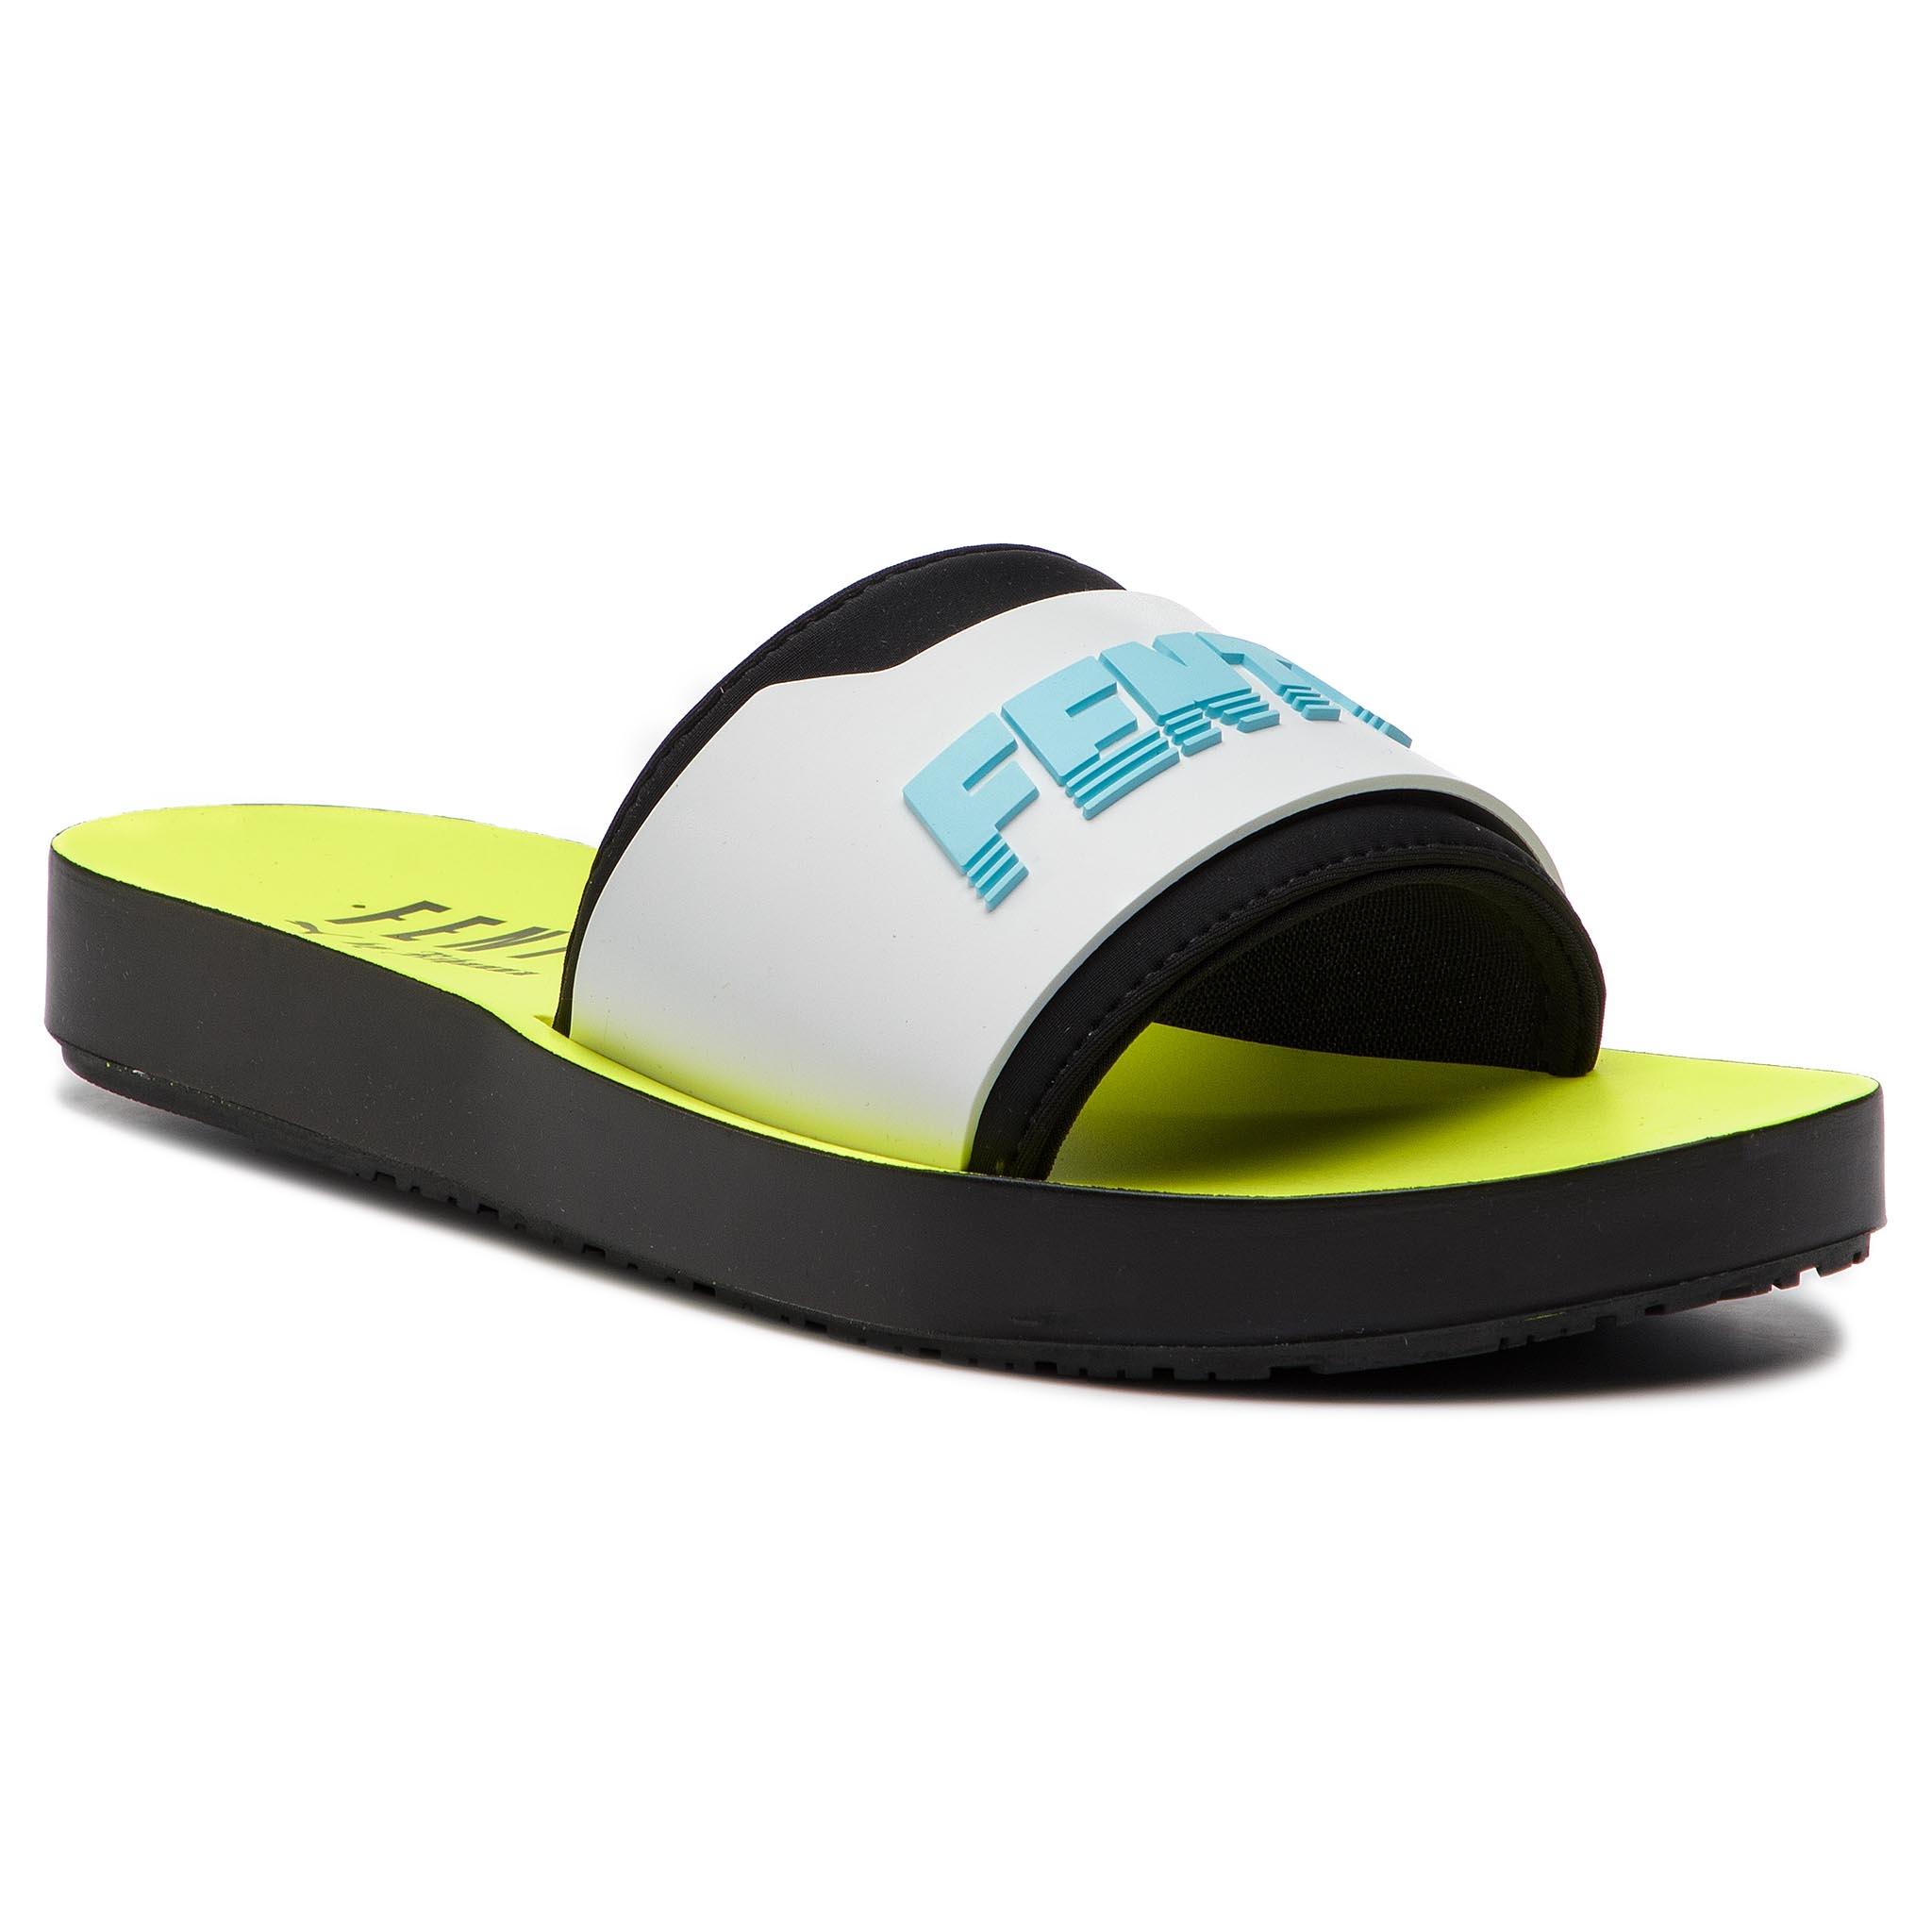 Puma Fenty Surf Slide Wns 367747 02 - Glami.cz 29207c8650